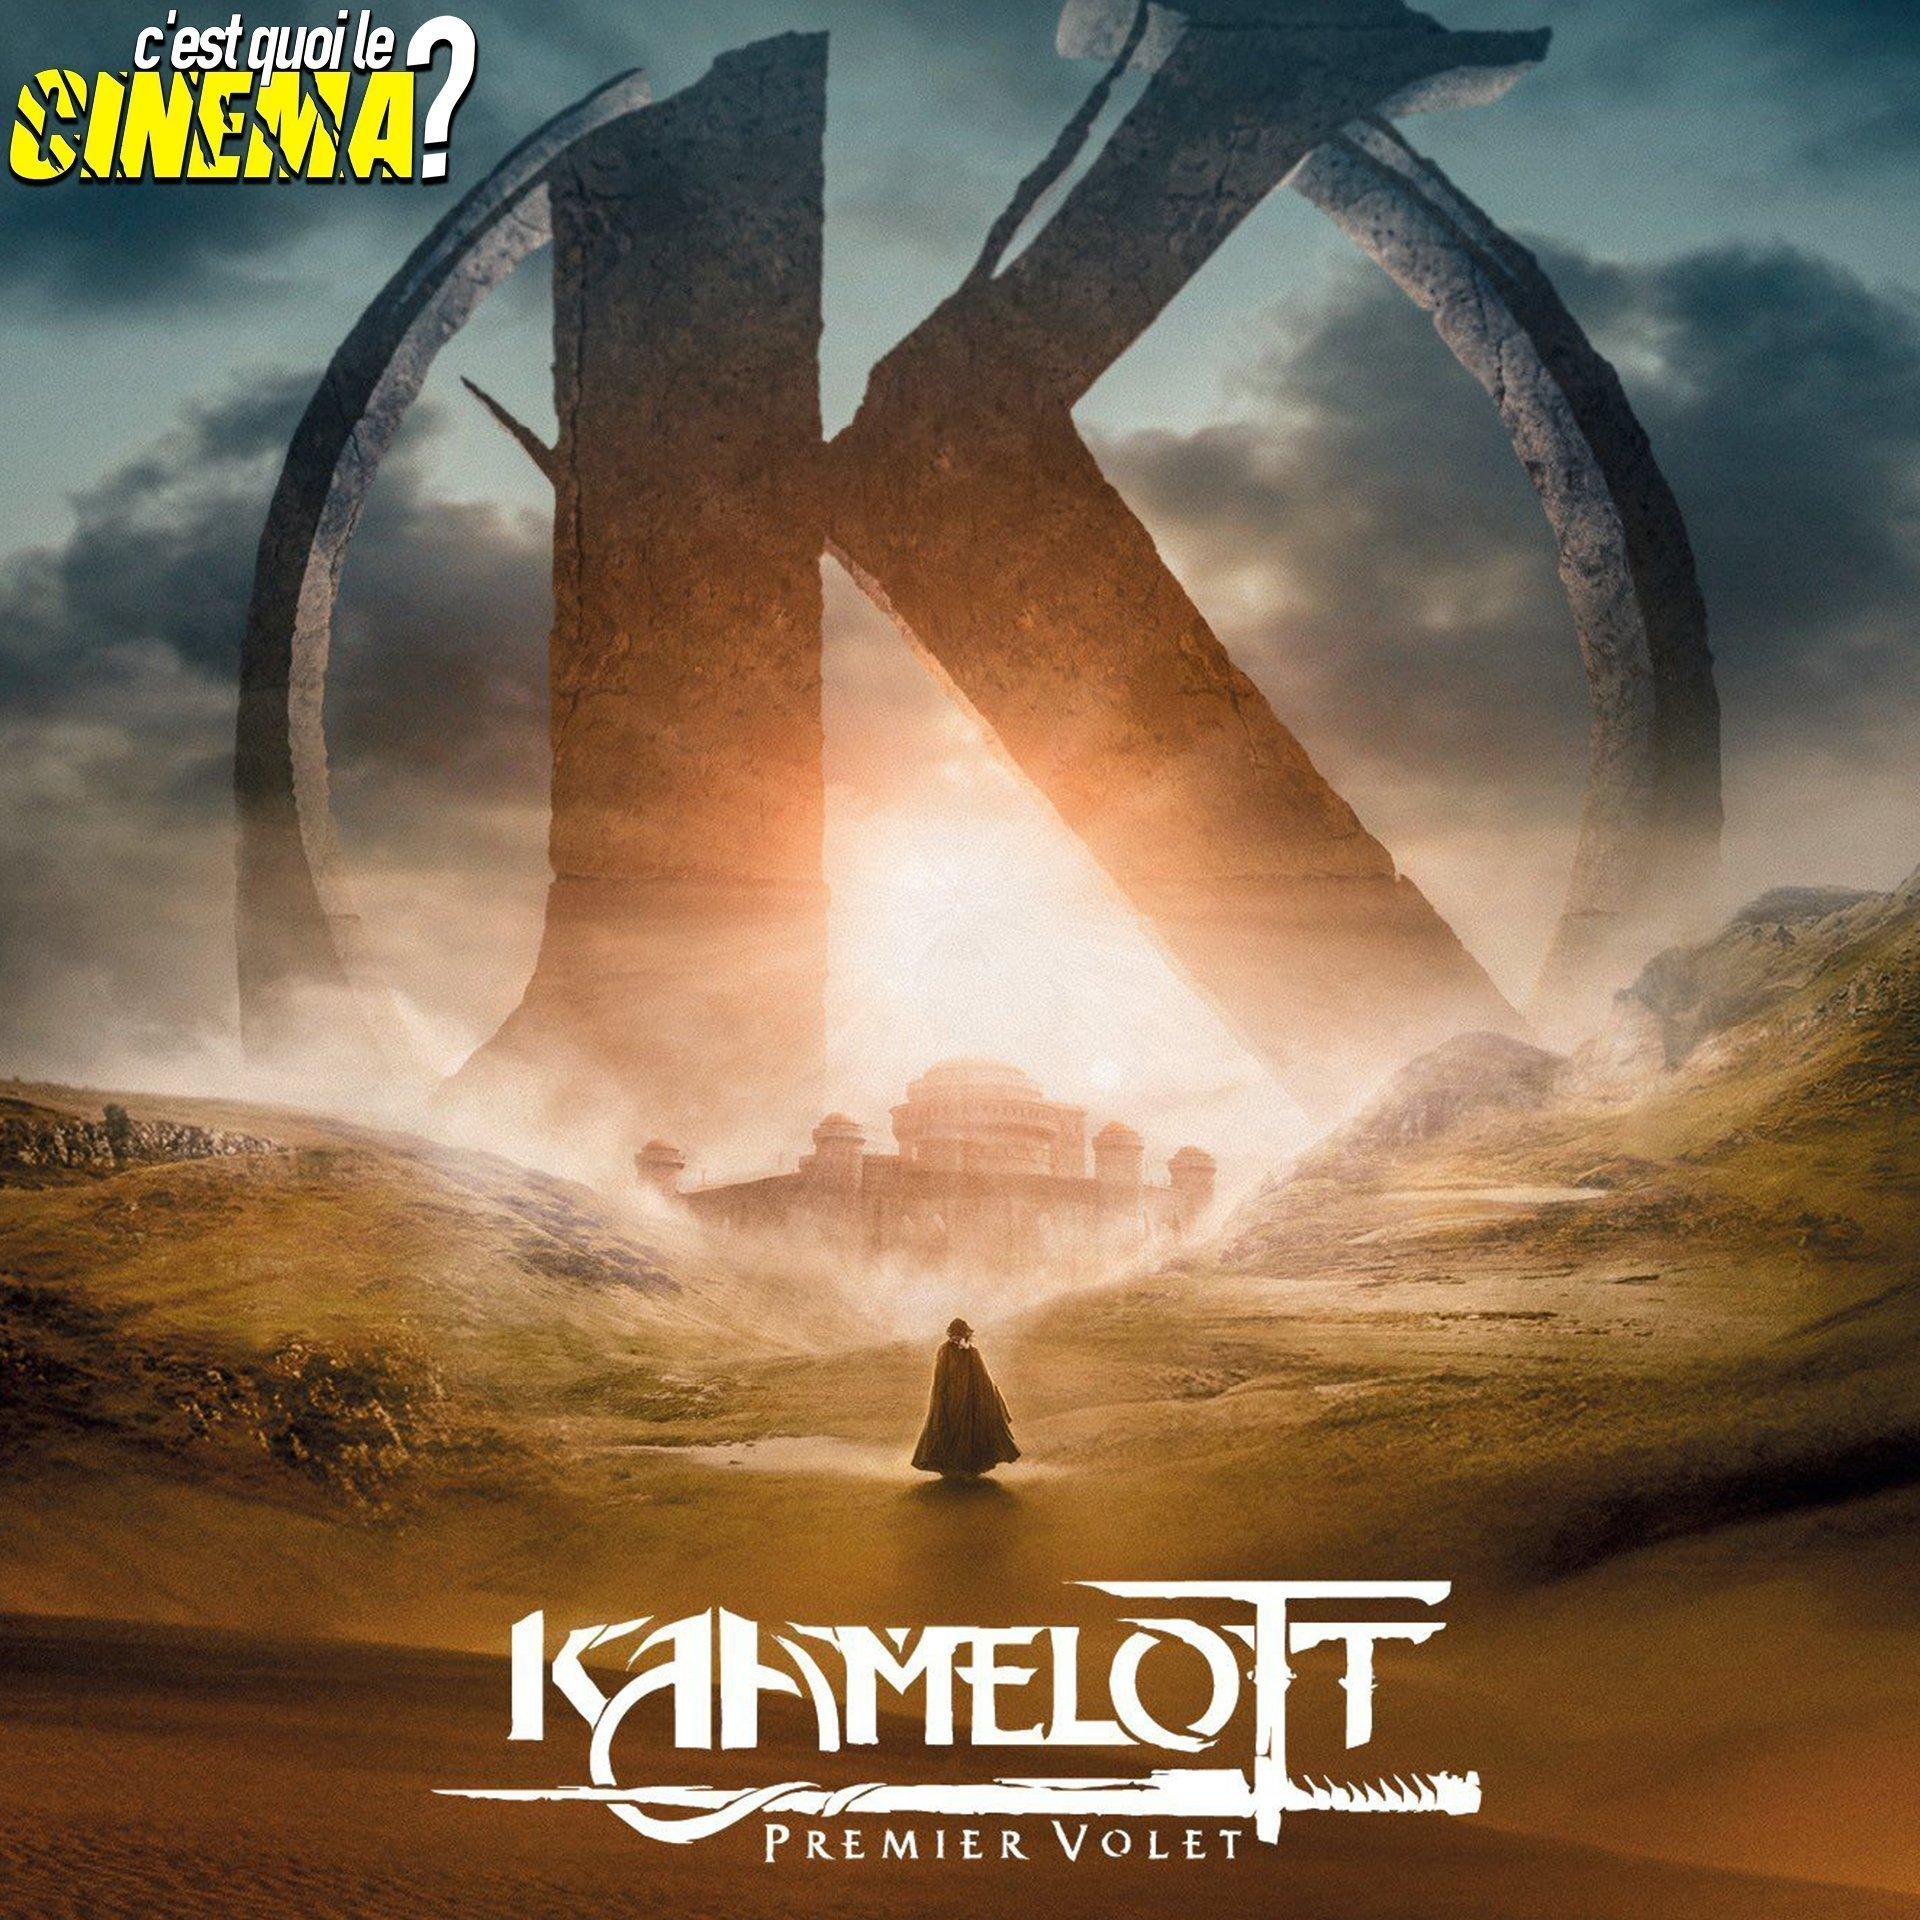 [CRITIQUE] Kaamelott : Premier volet – De la camelote pour les fans